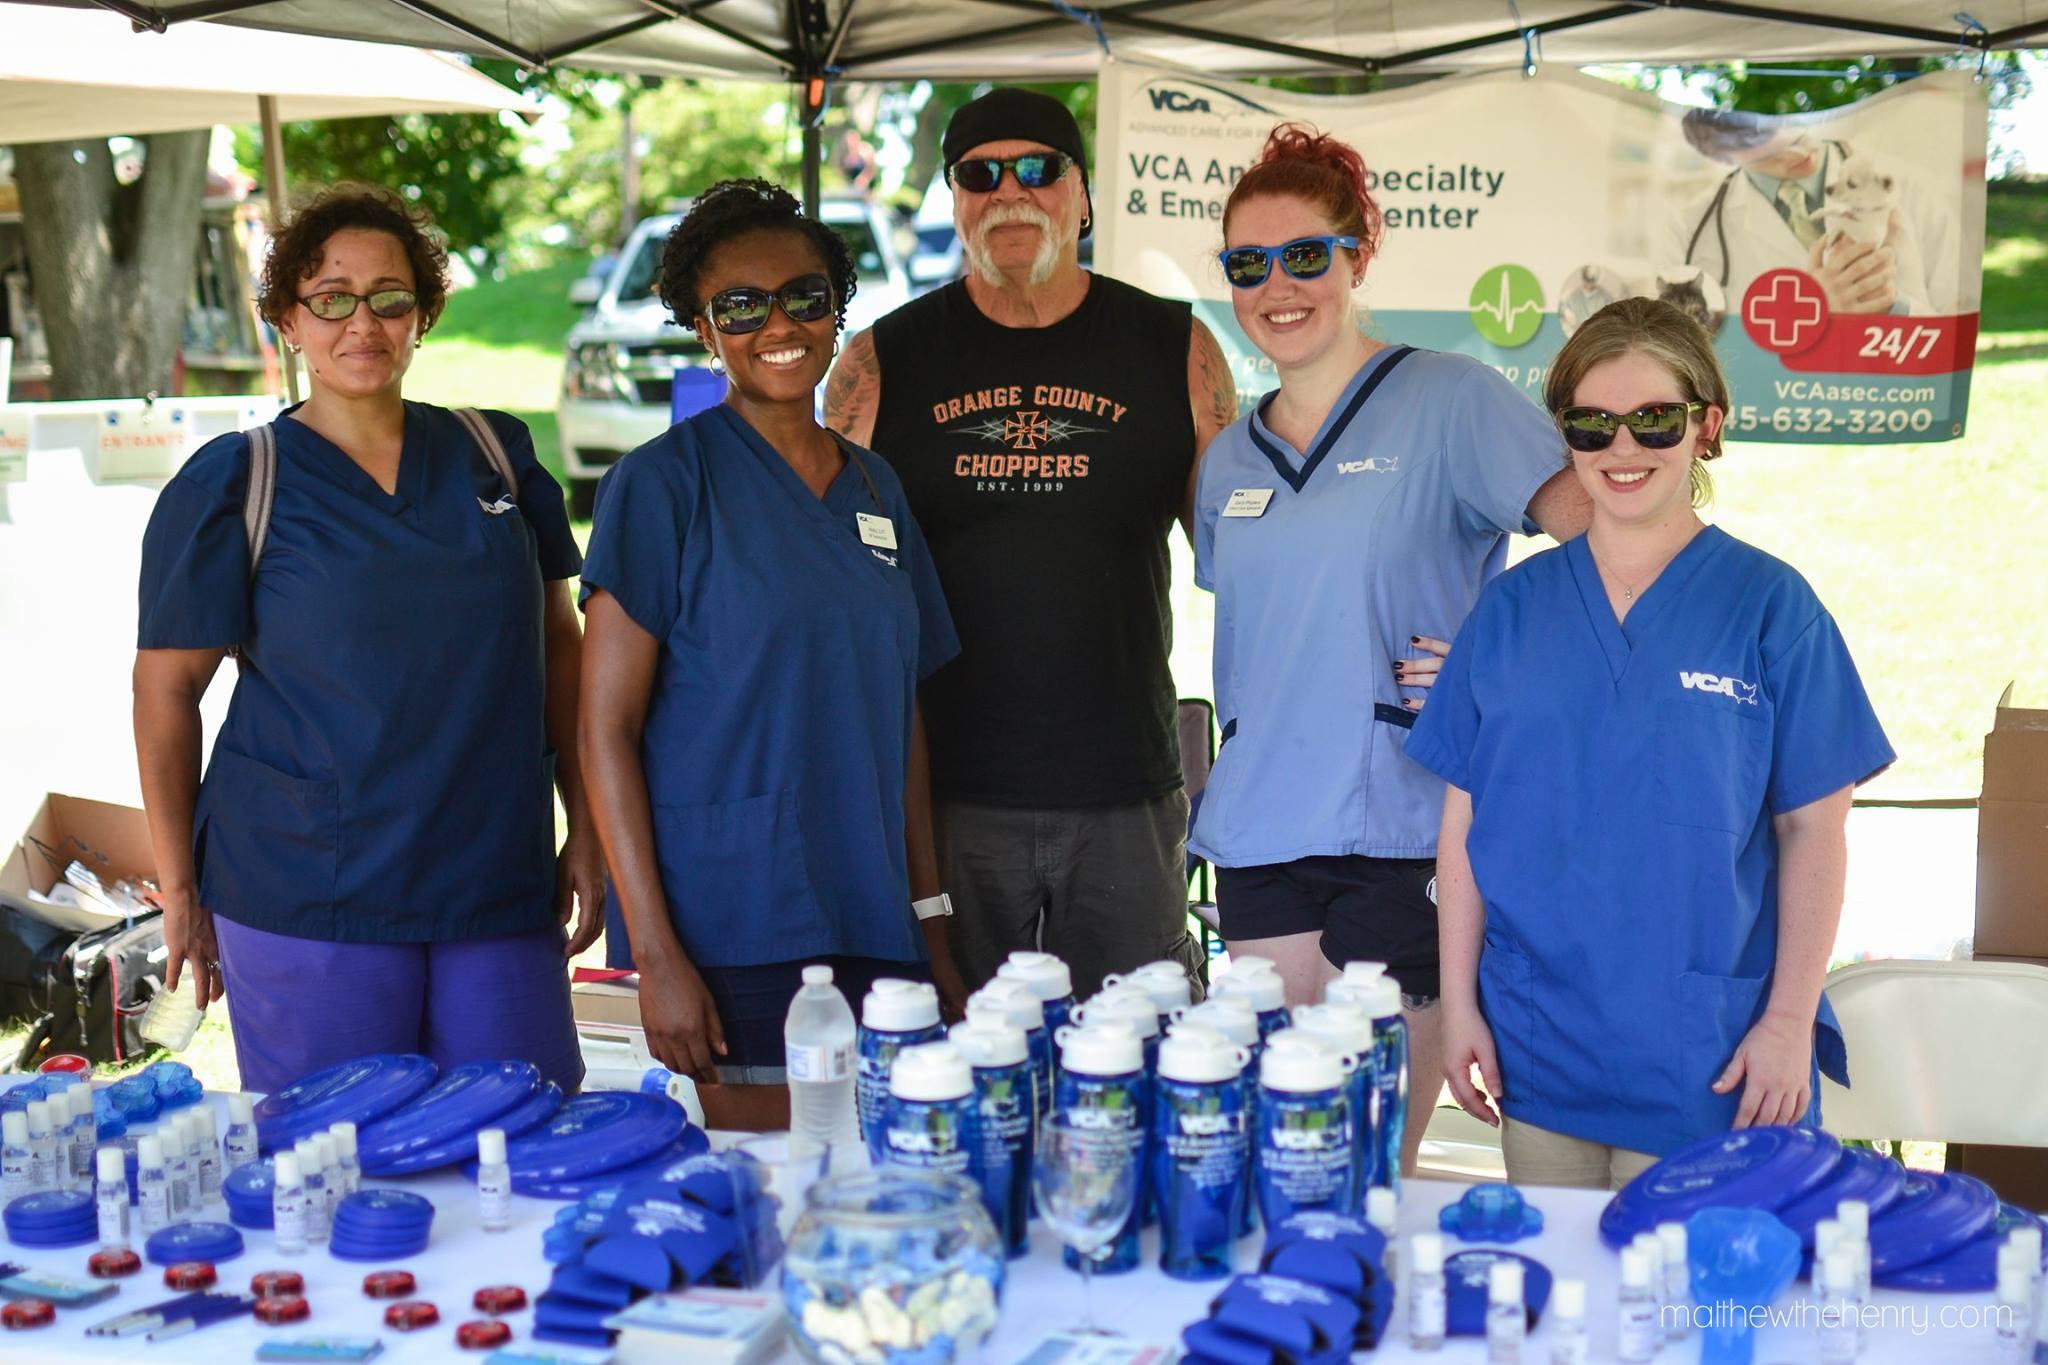 VCA Animal Hospitals - Fort Lauderdale Veterinarians